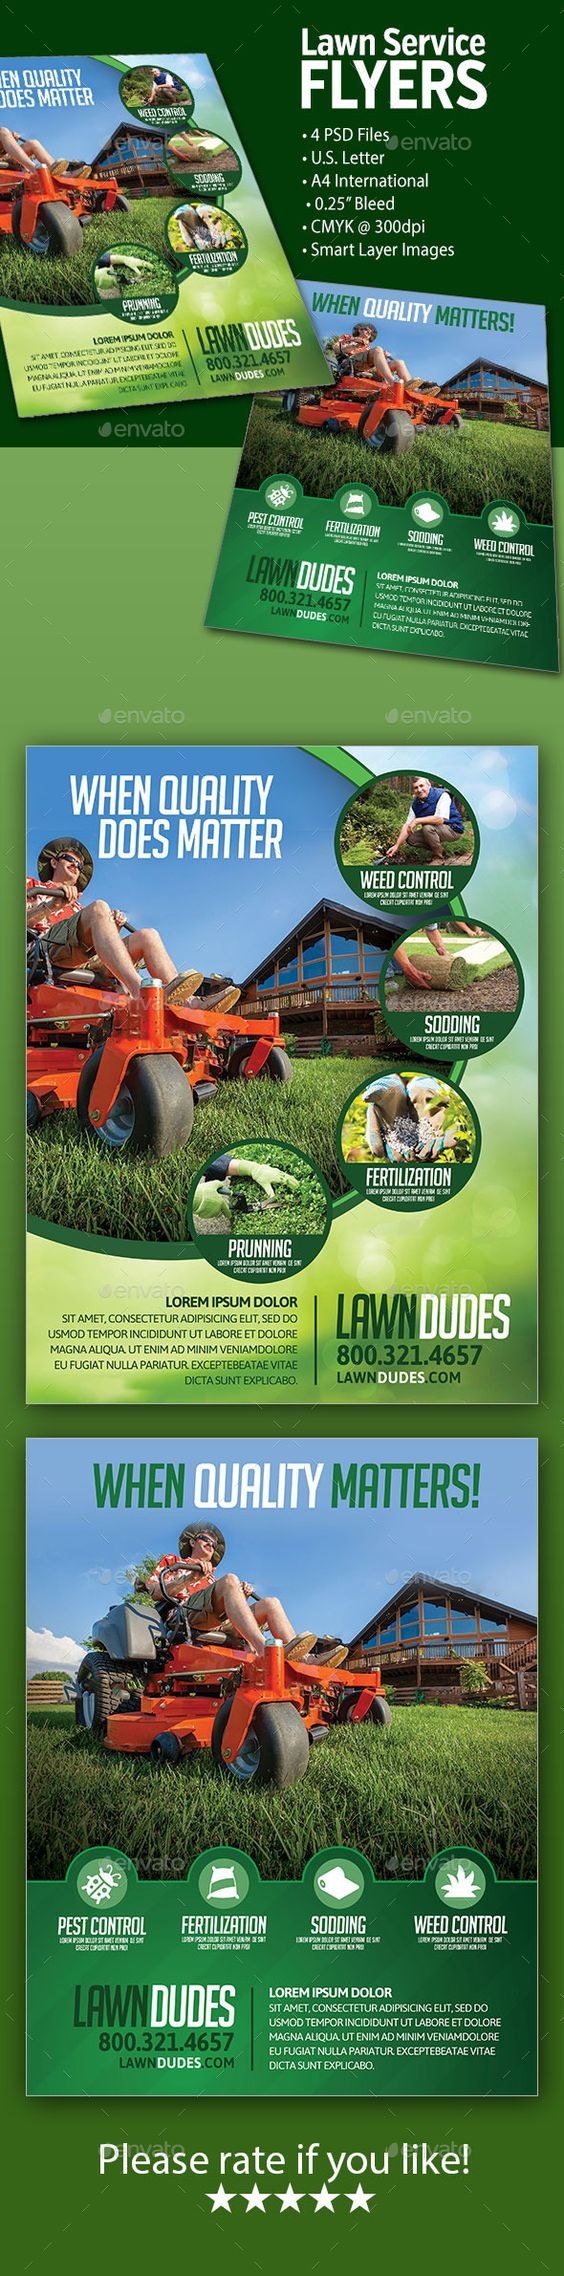 lawn service flyers flyer template lawn service and flyers lawn service flyers template graphicriver net item